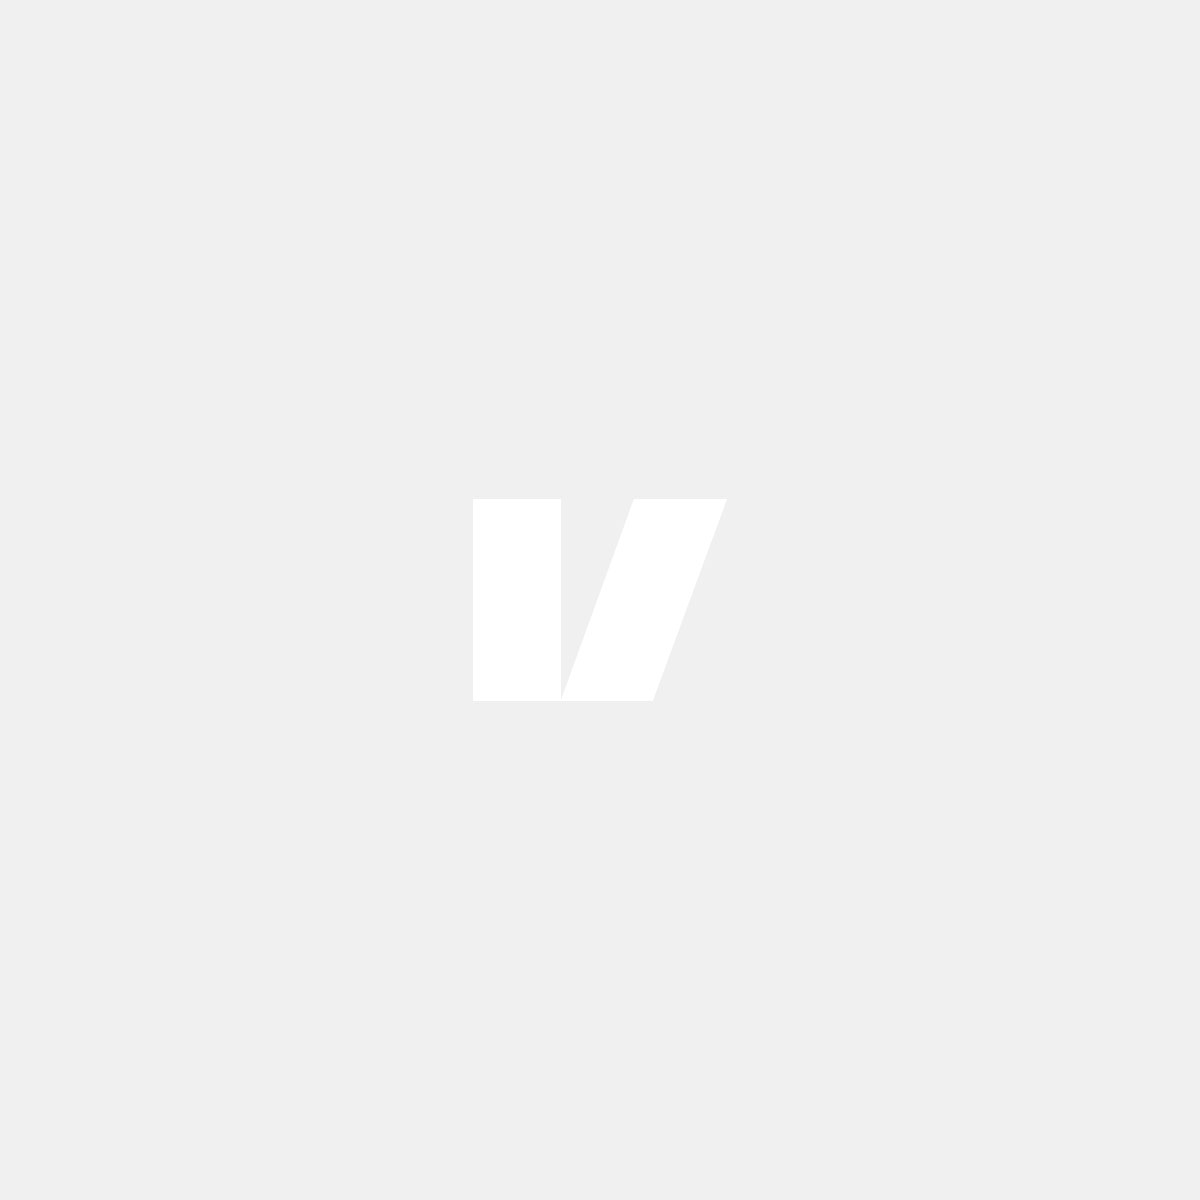 Lasthållare / takräcke med vingprofil till Volvo XC90 03-15